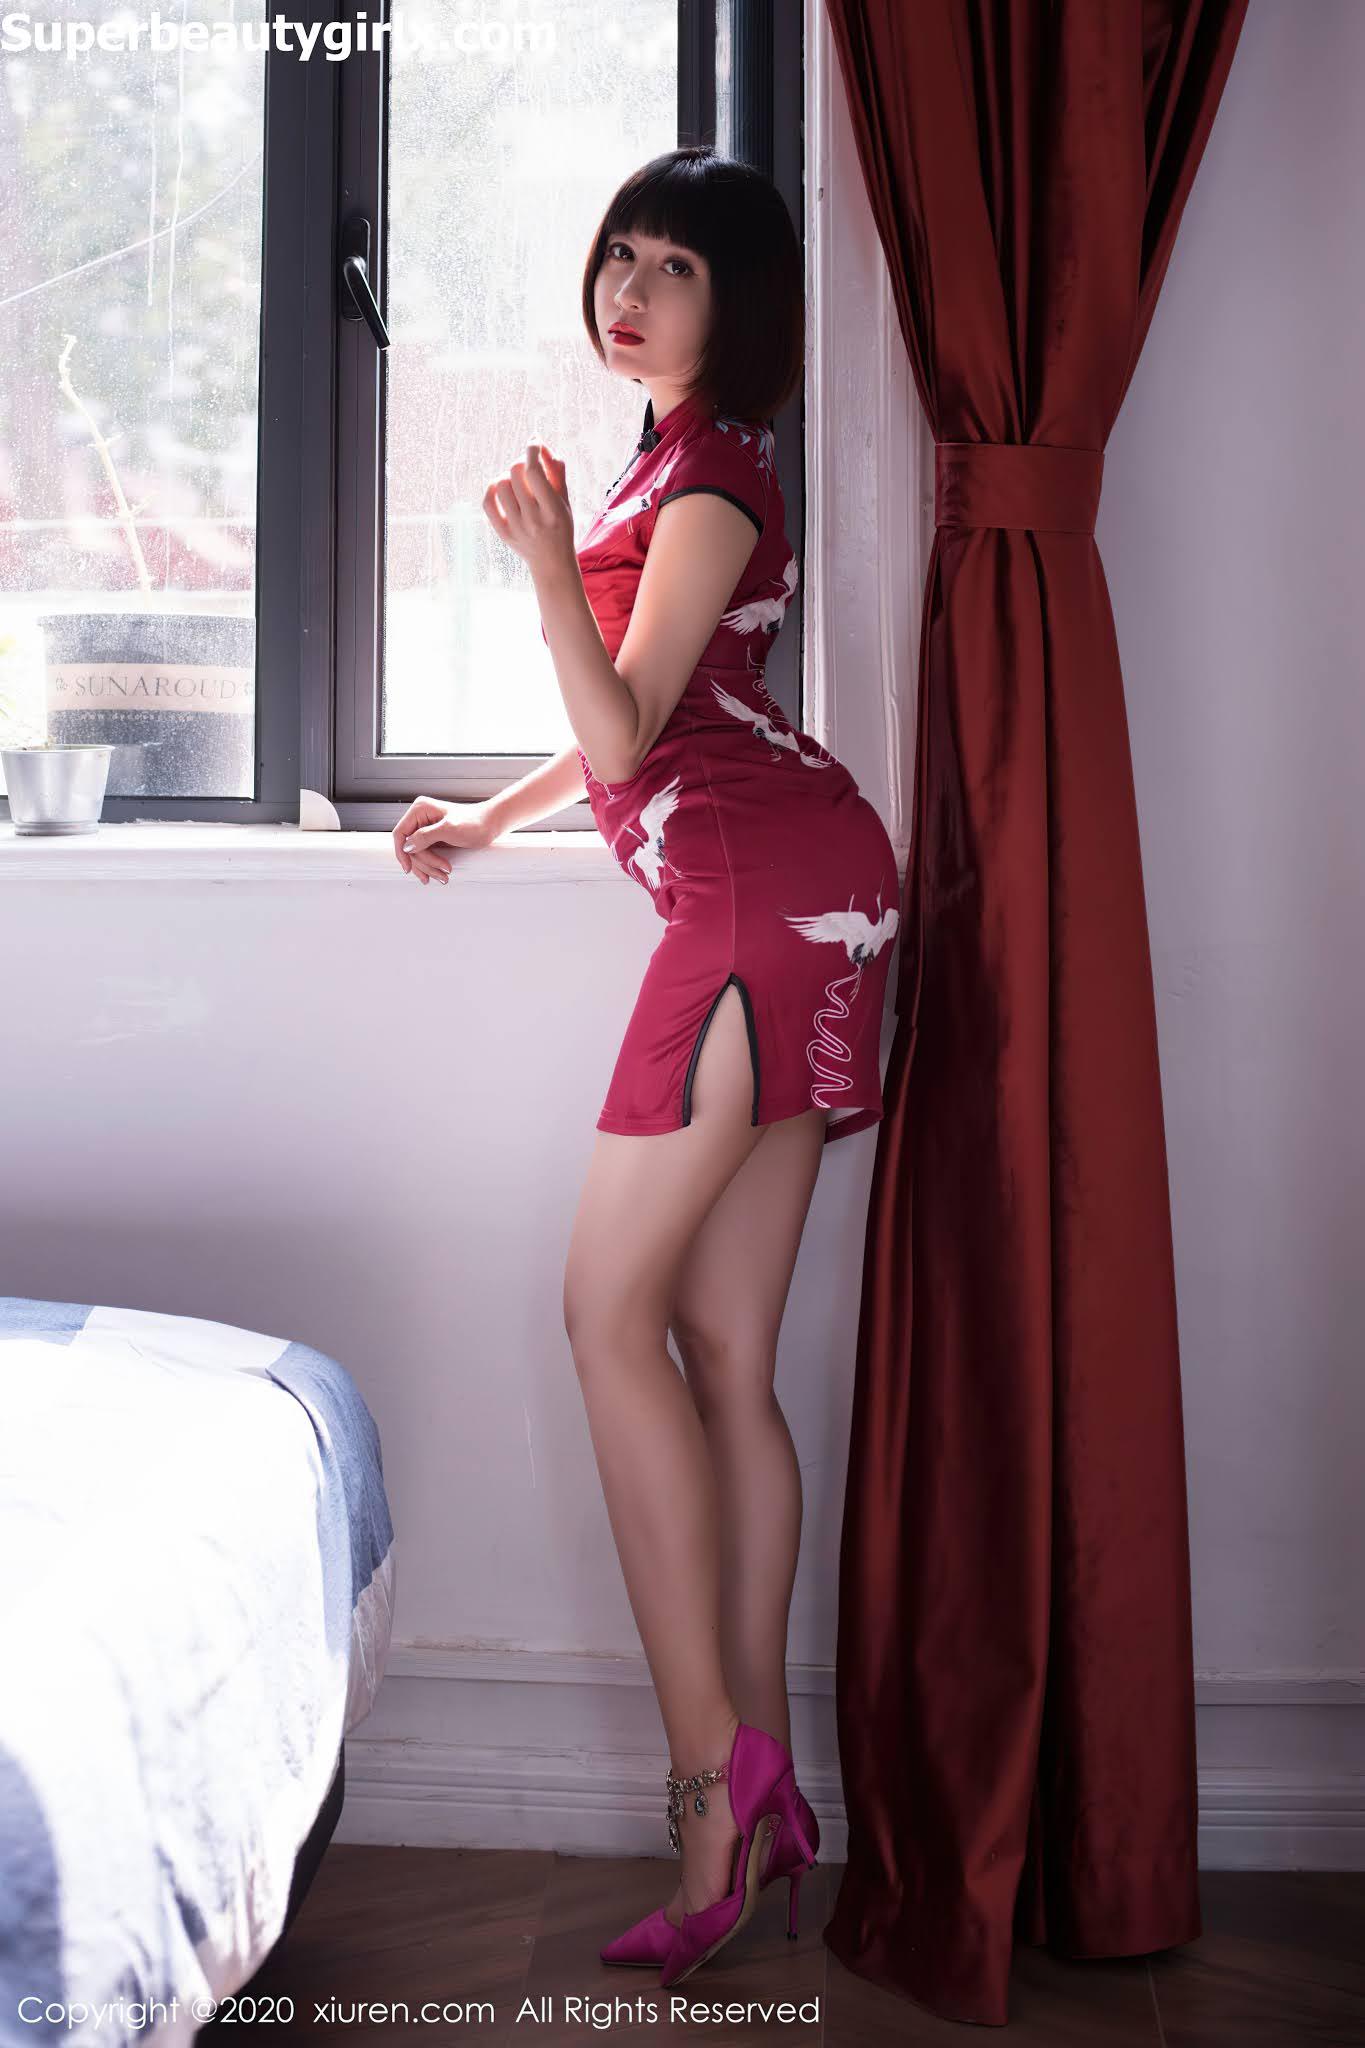 XIUREN-No.2674-Ann-Superbeautygirlx.com